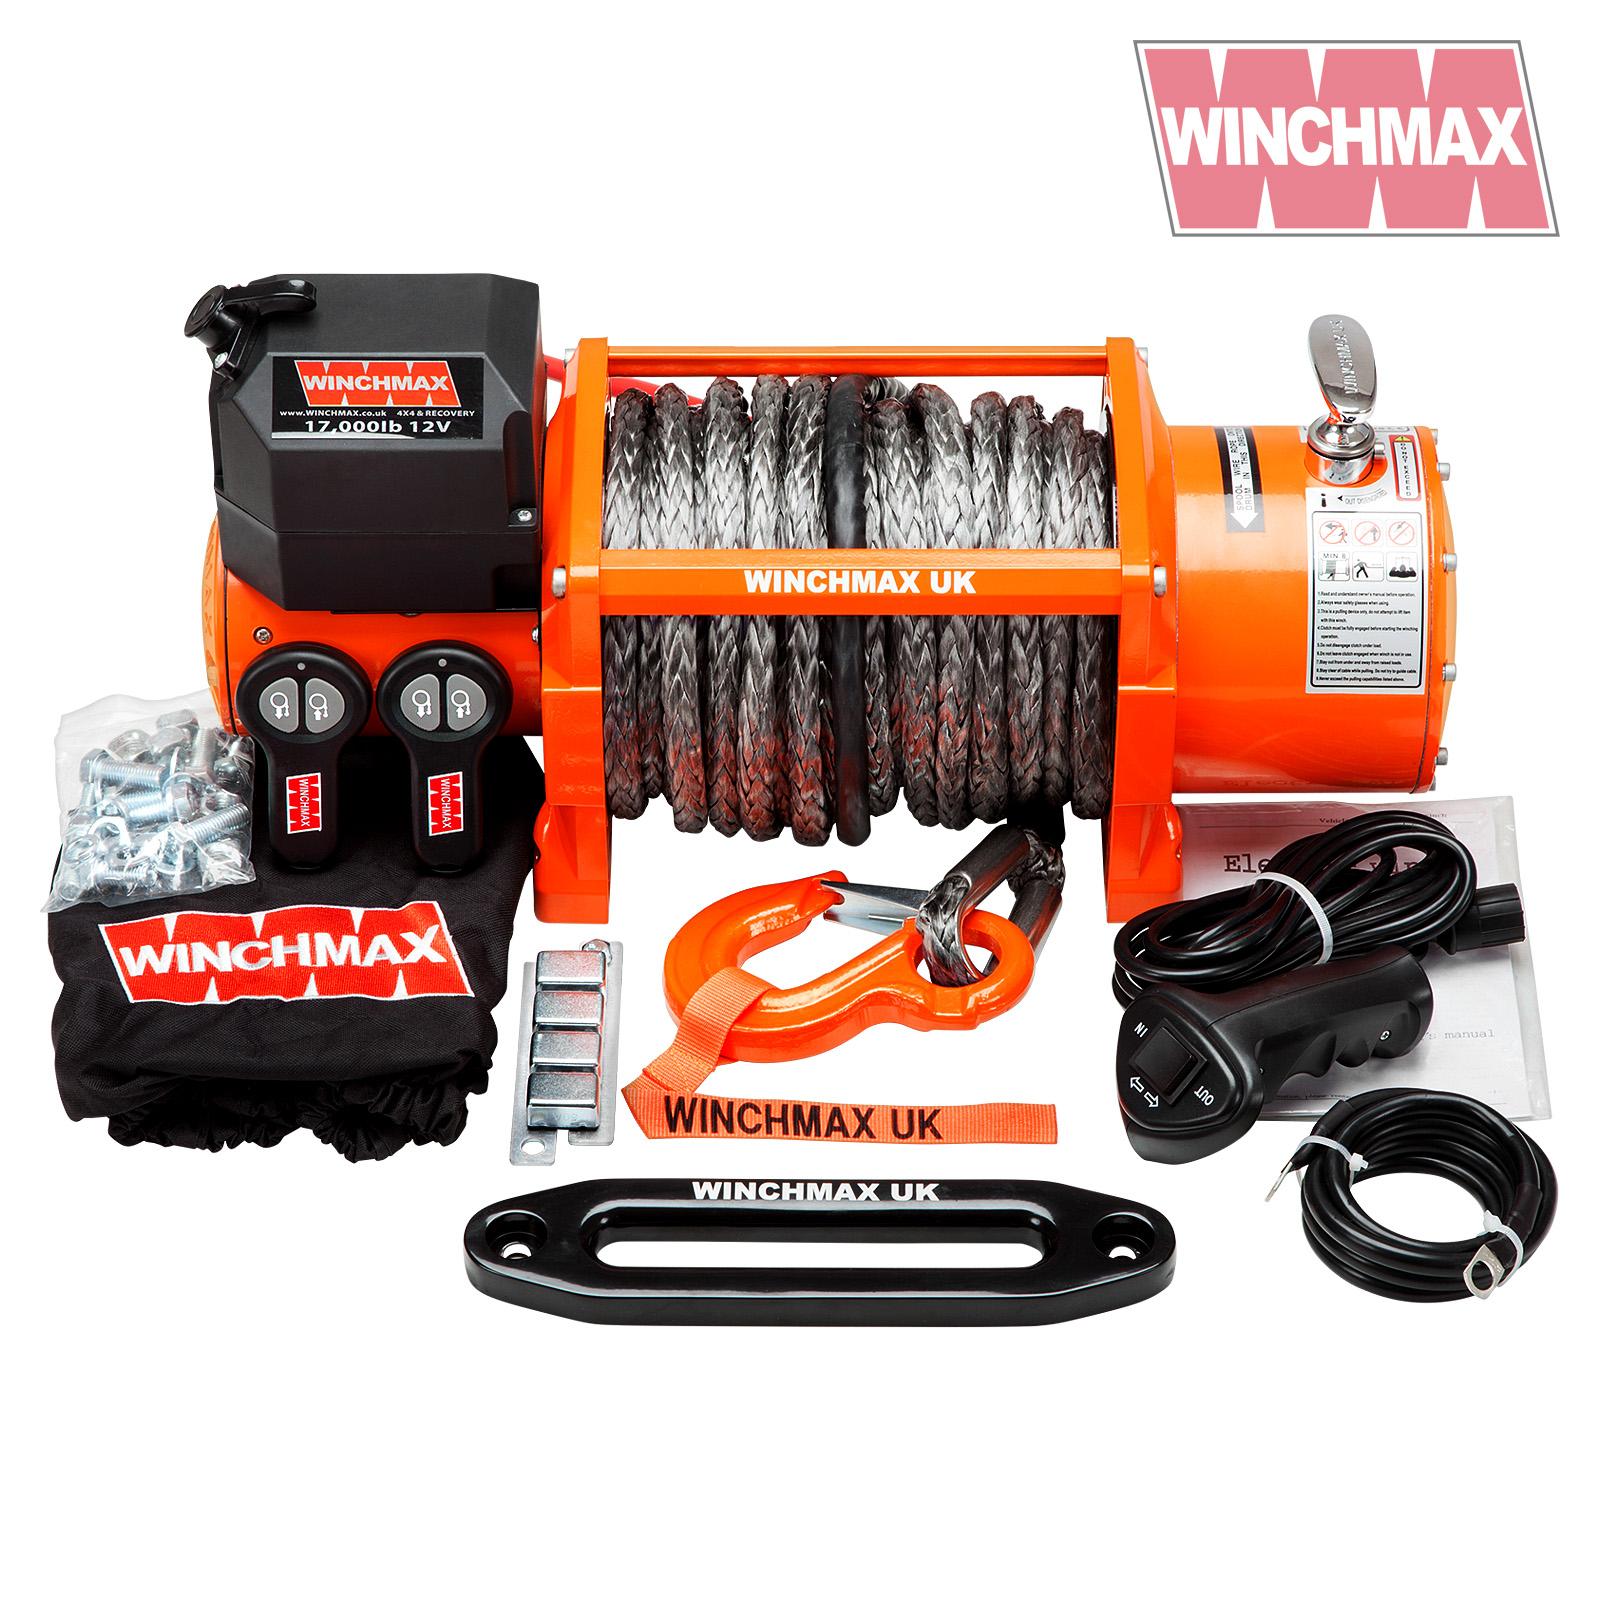 Wm1700012vrs winchmax 053